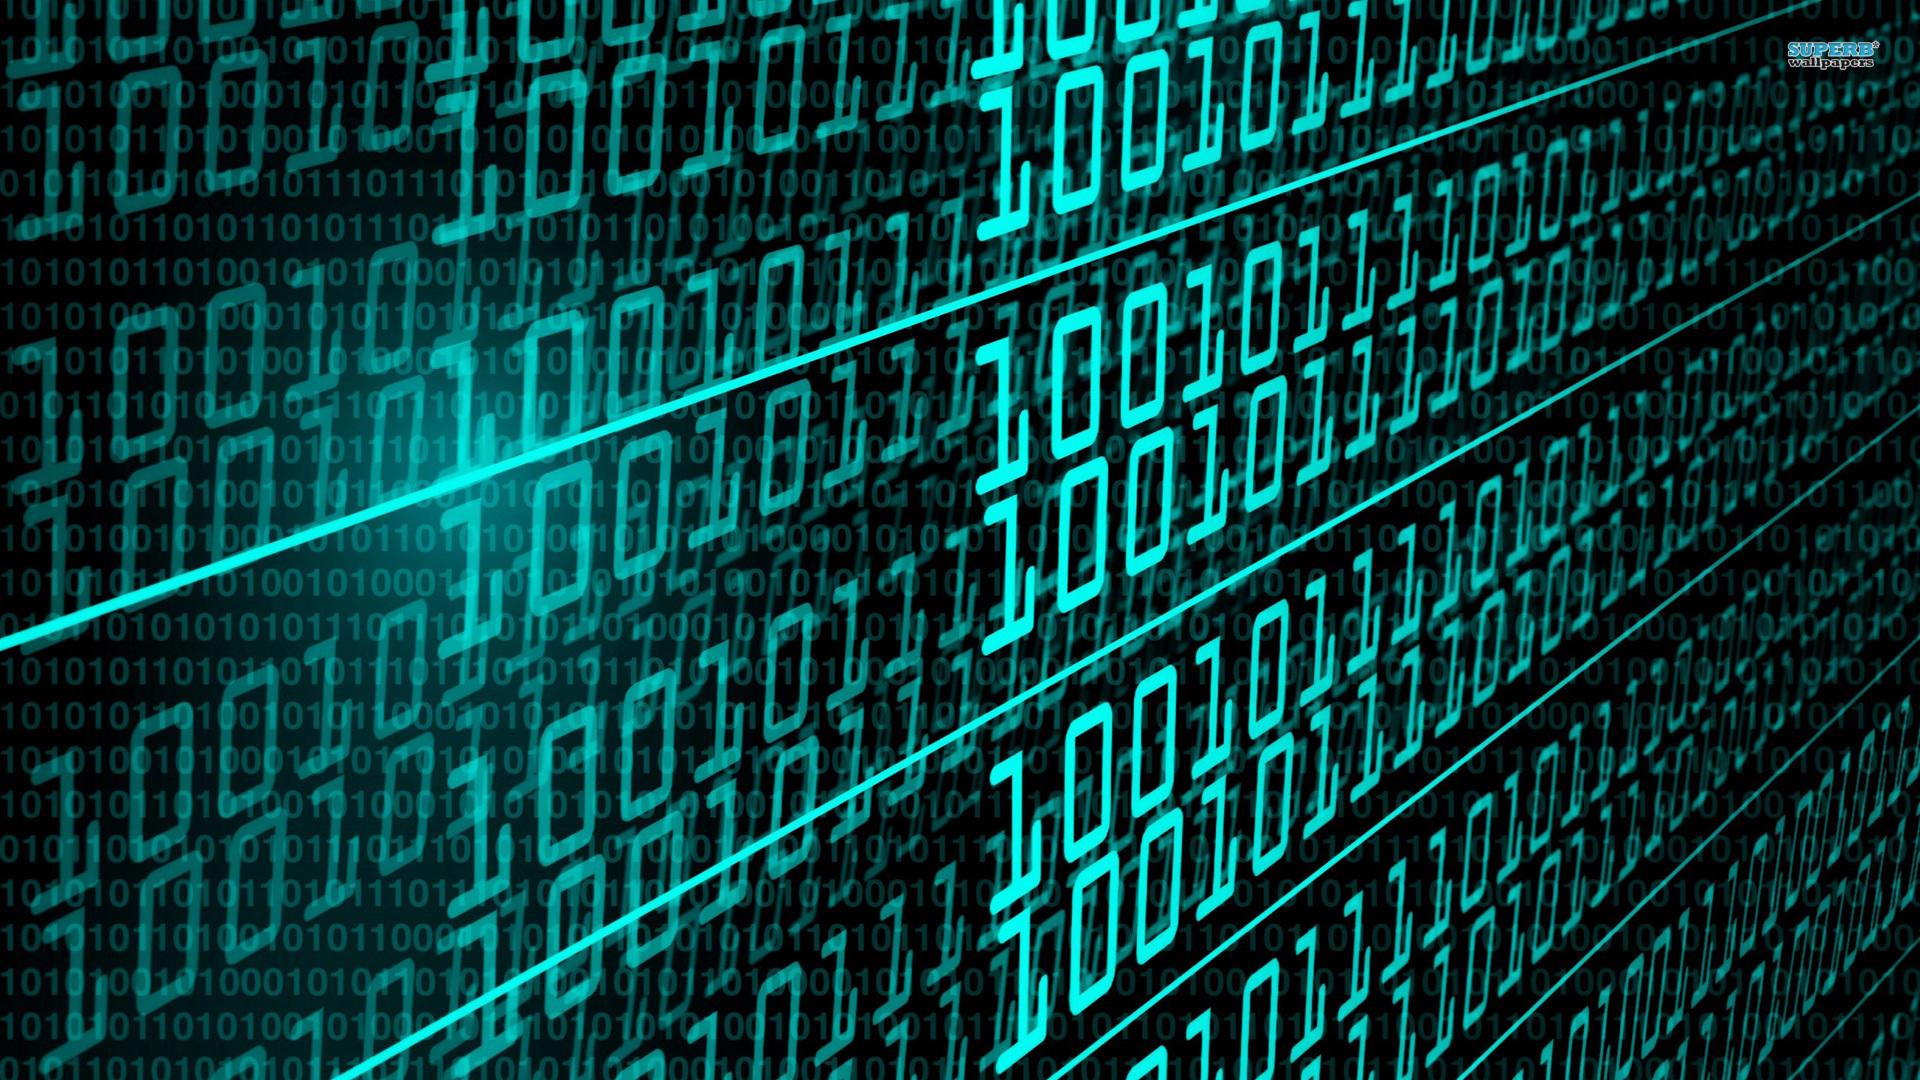 binery code Computer Wallpapers Desktop Backgrounds 1920x1080 ID 1920x1080